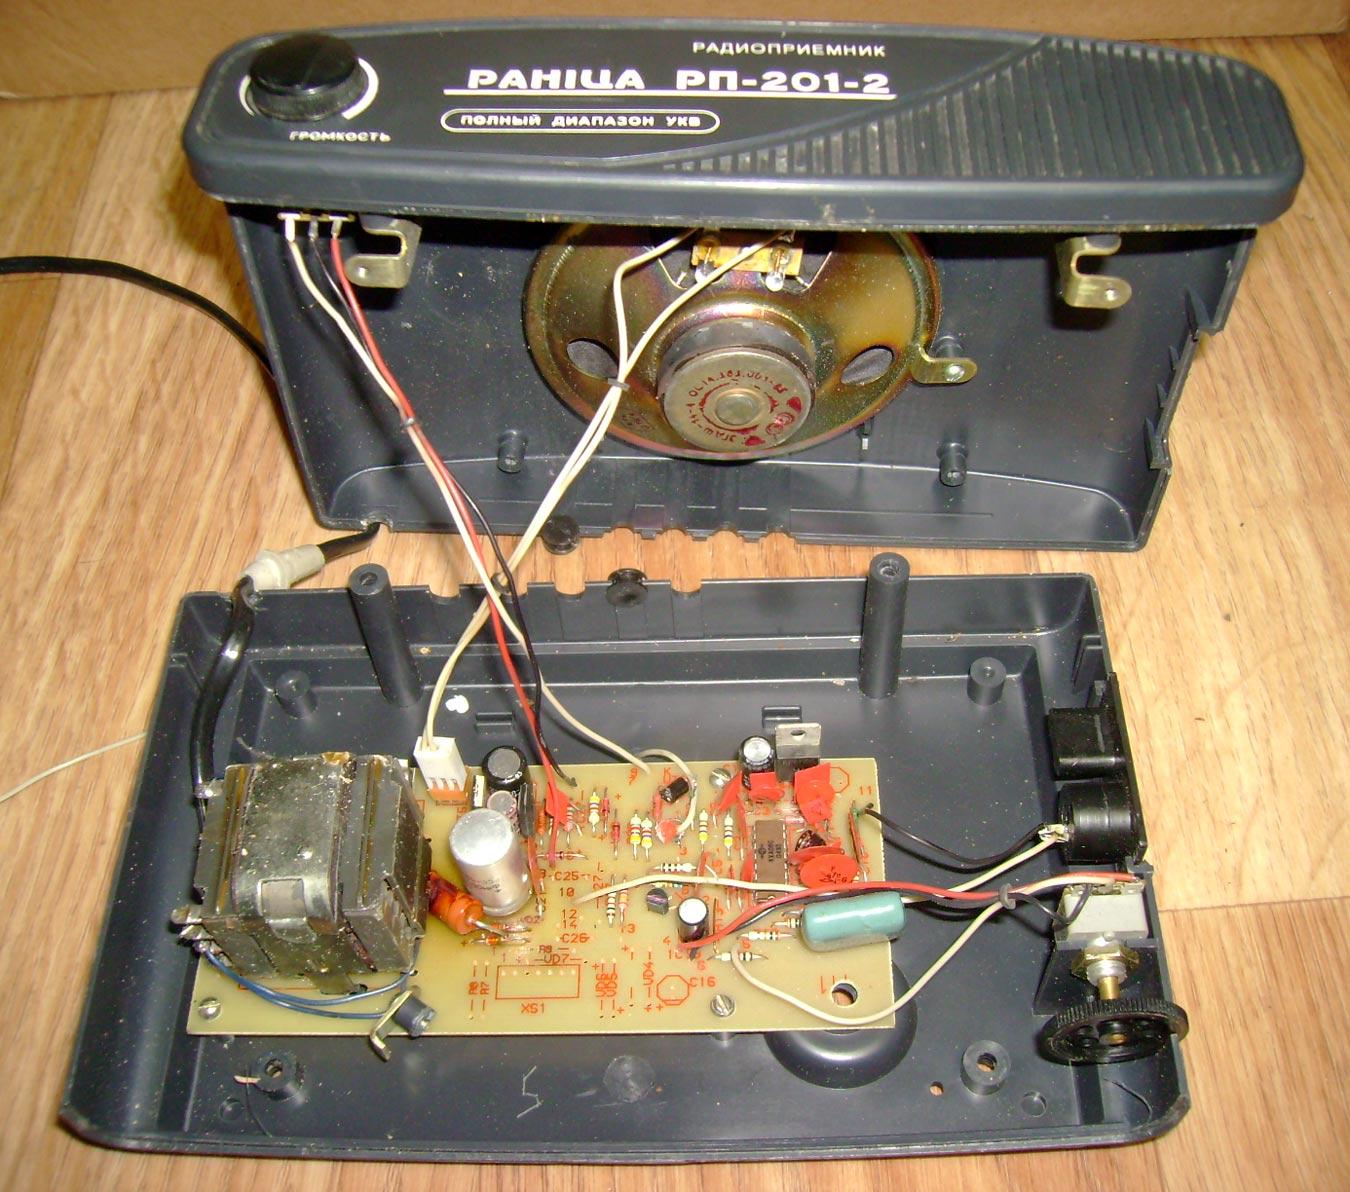 Схемы радиоприемники фото